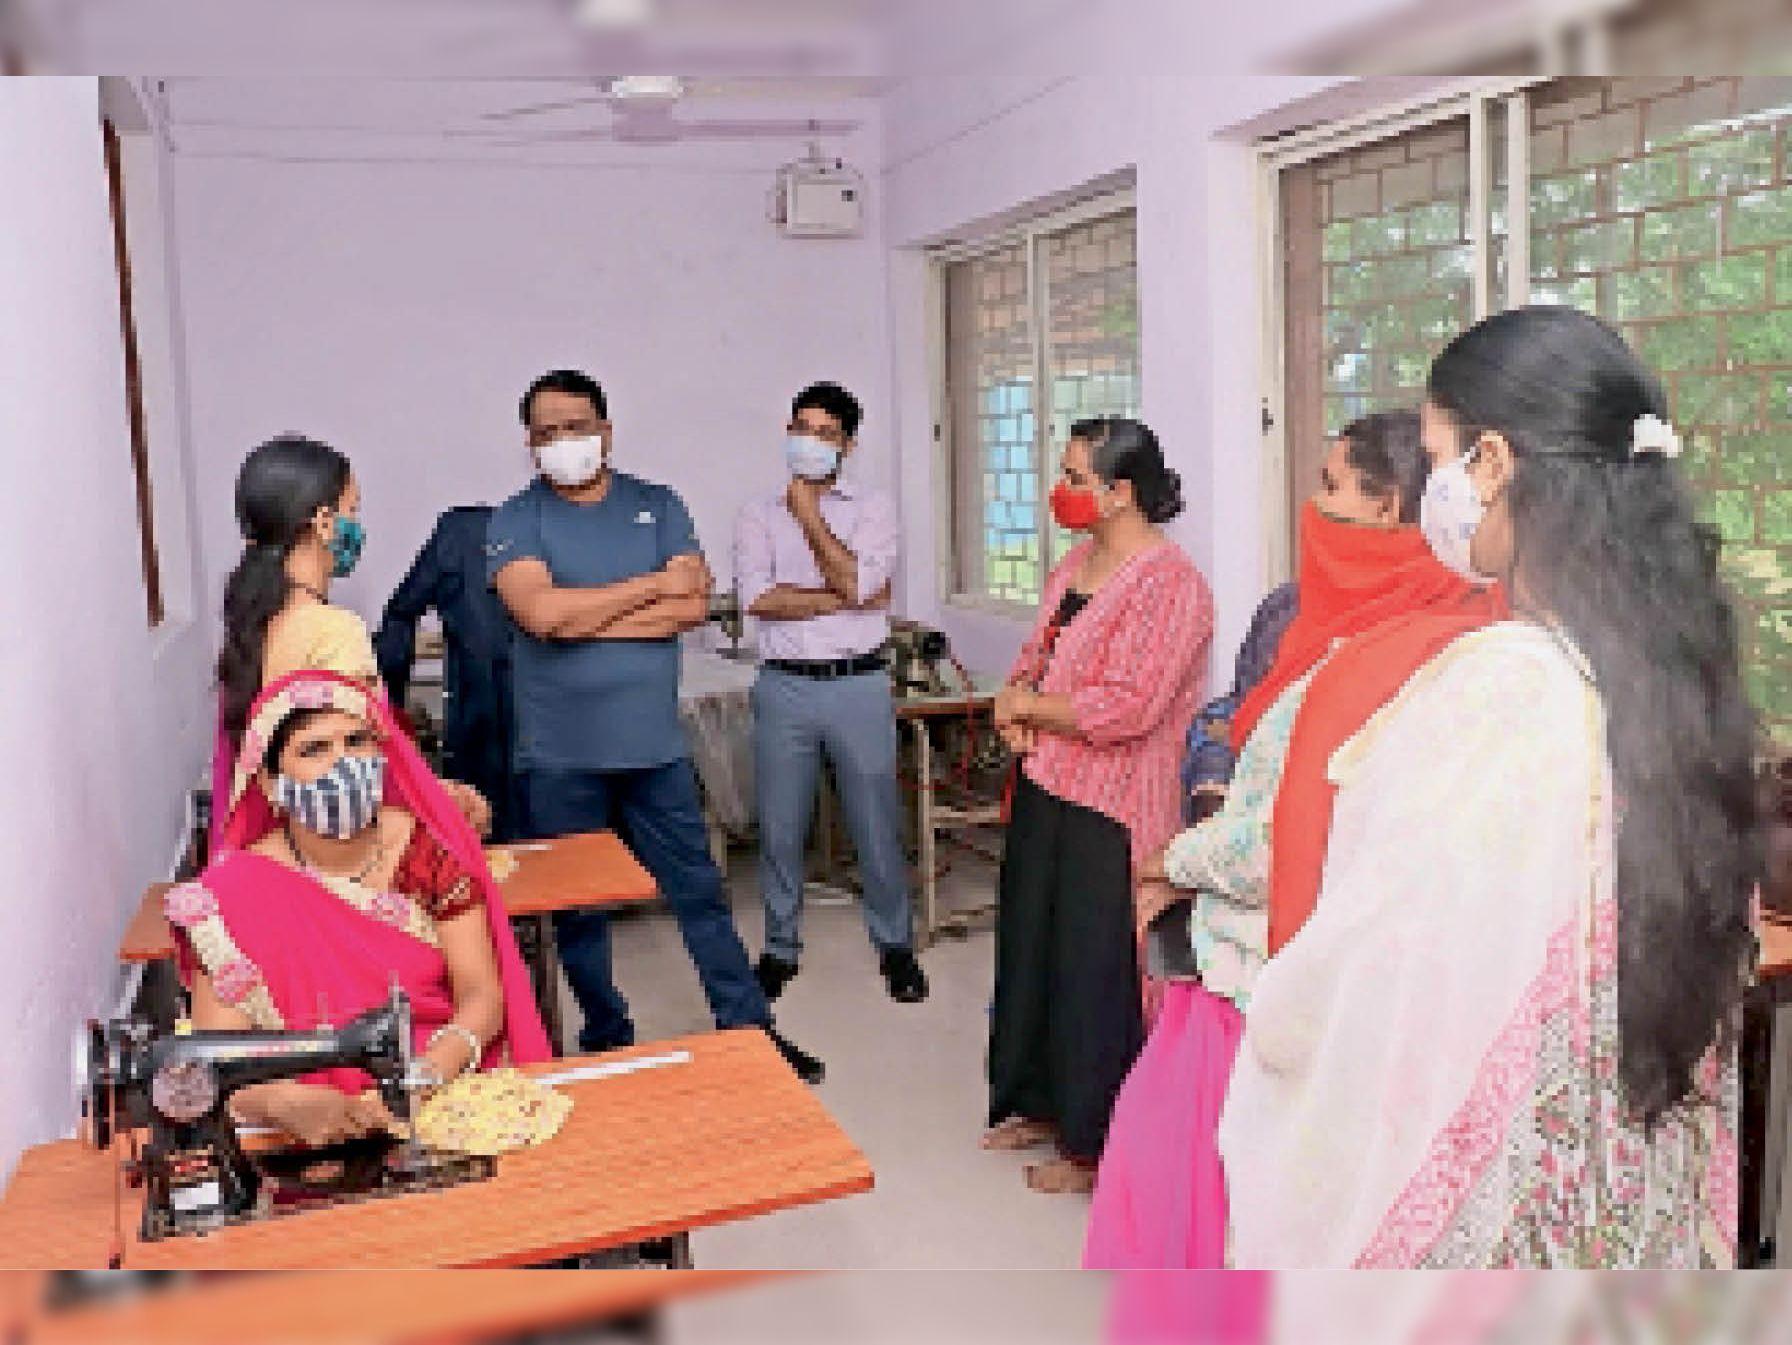 महिलाओं द्वारा तैयार किए जा रहे कपड़े, मास्क और साड़ियों को काे देखने कलेक्टर पहुंचे। - Dainik Bhaskar